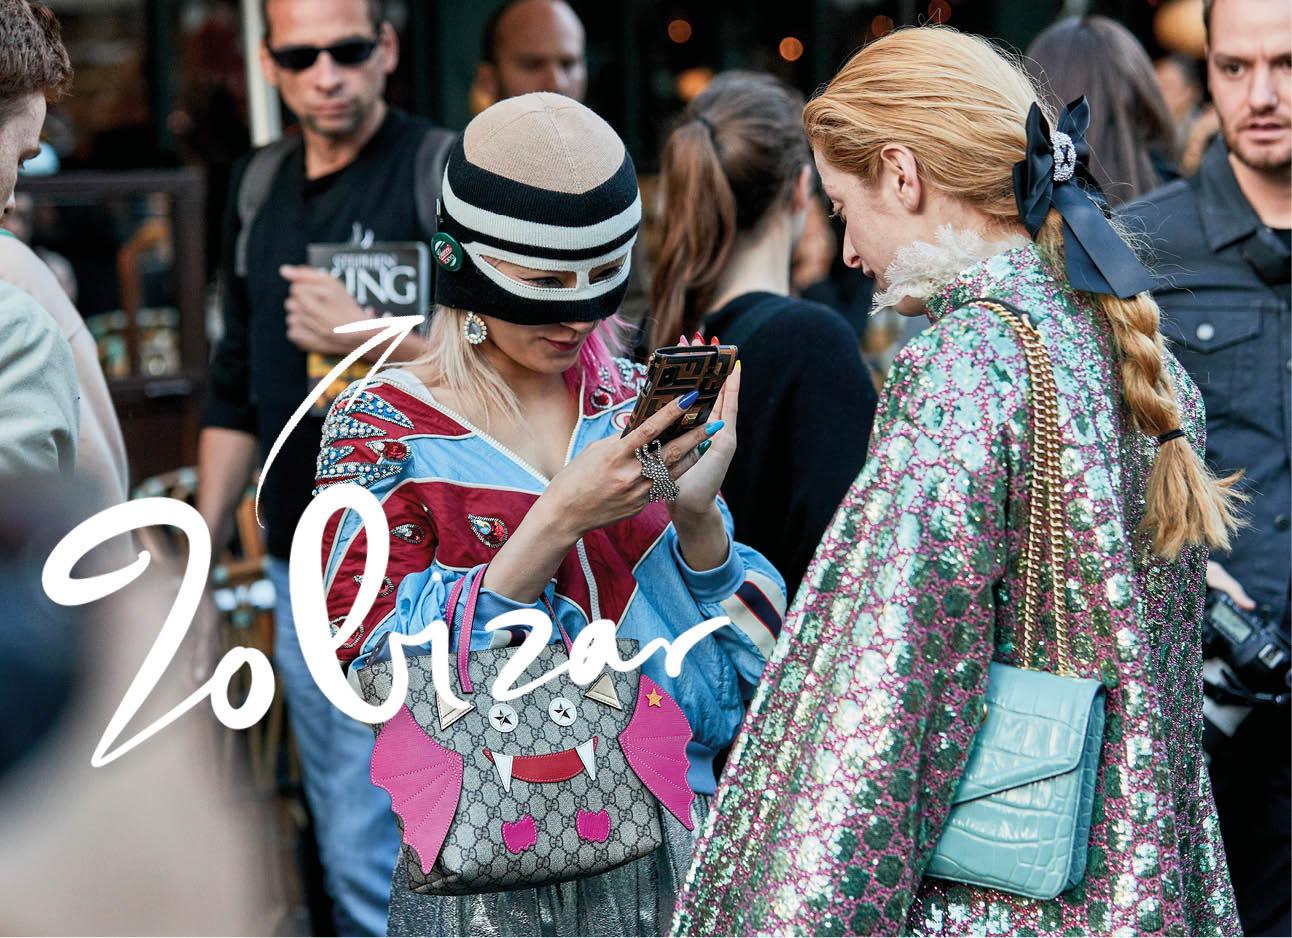 vrouw met bivak muts op fashion trends streetwear